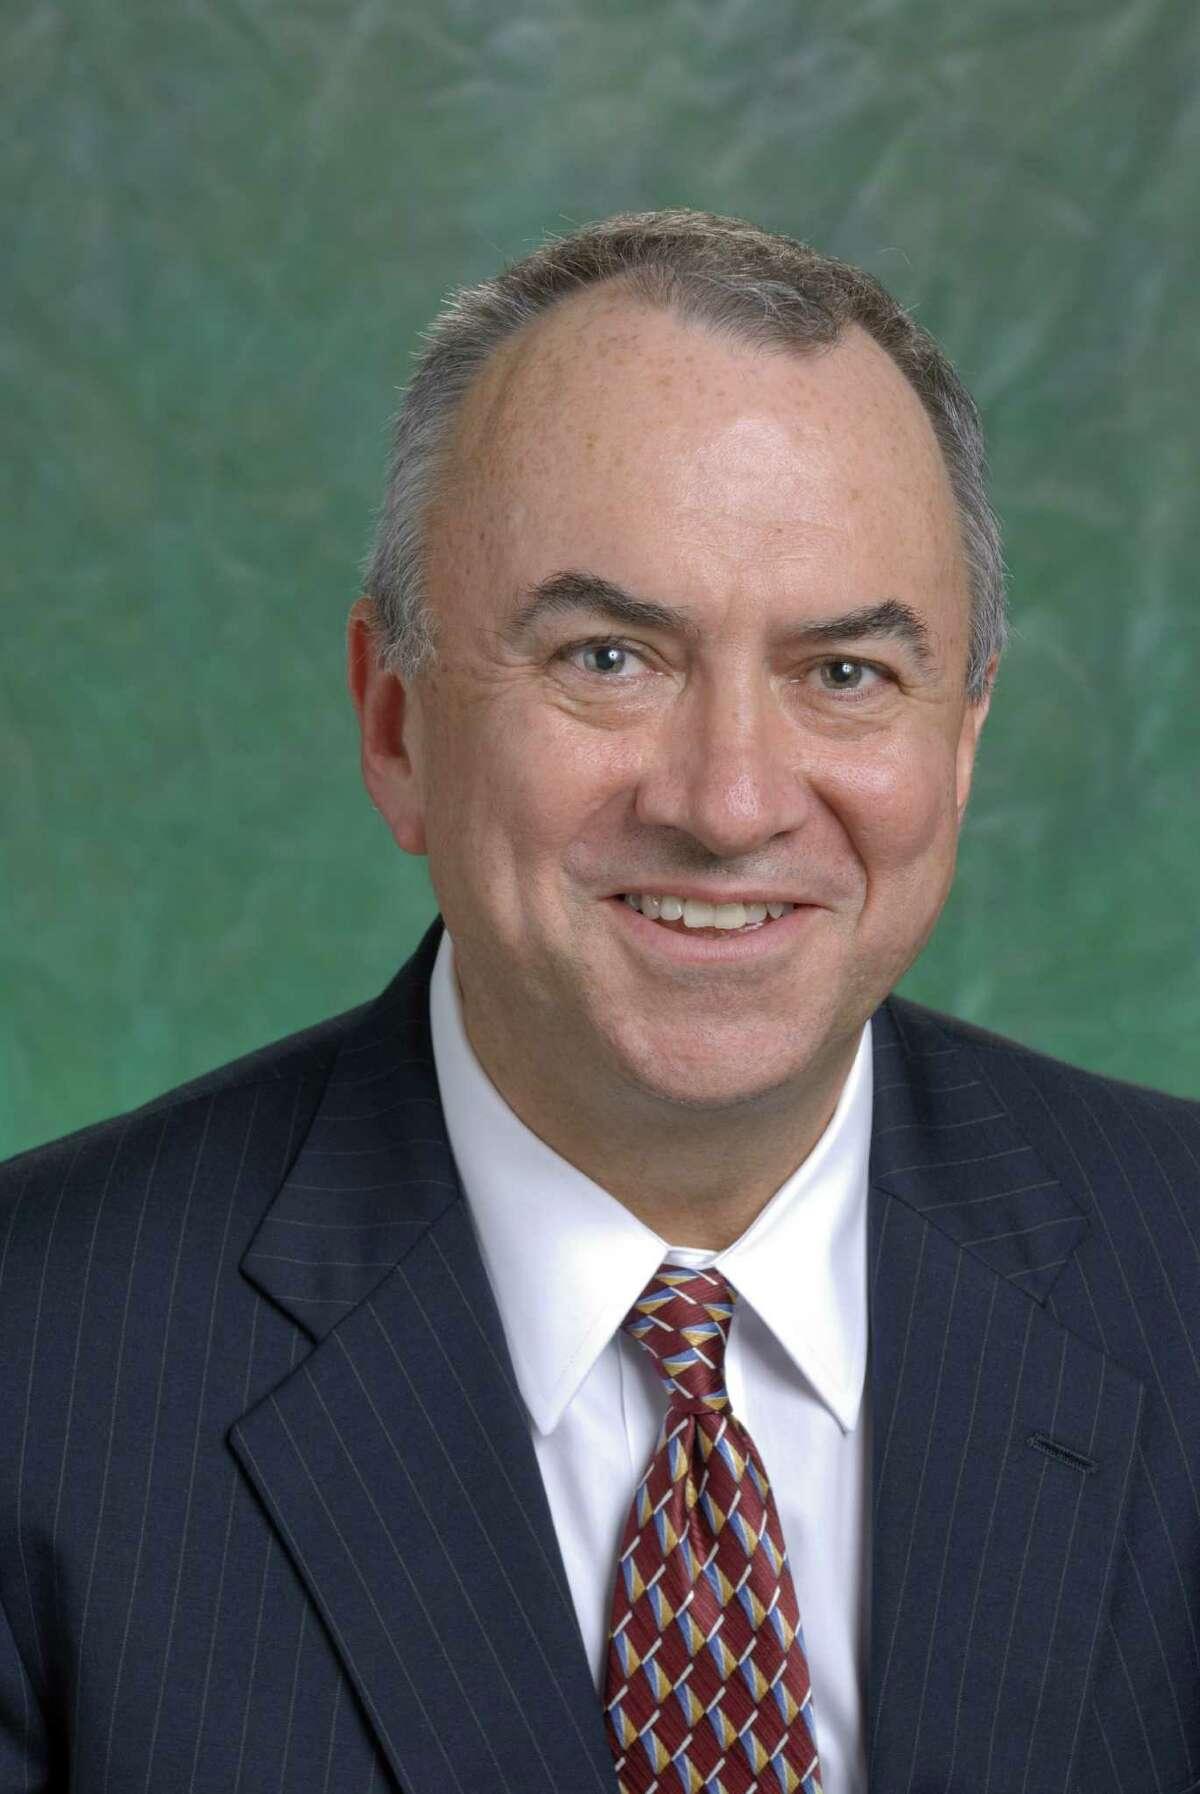 Ed Mahony